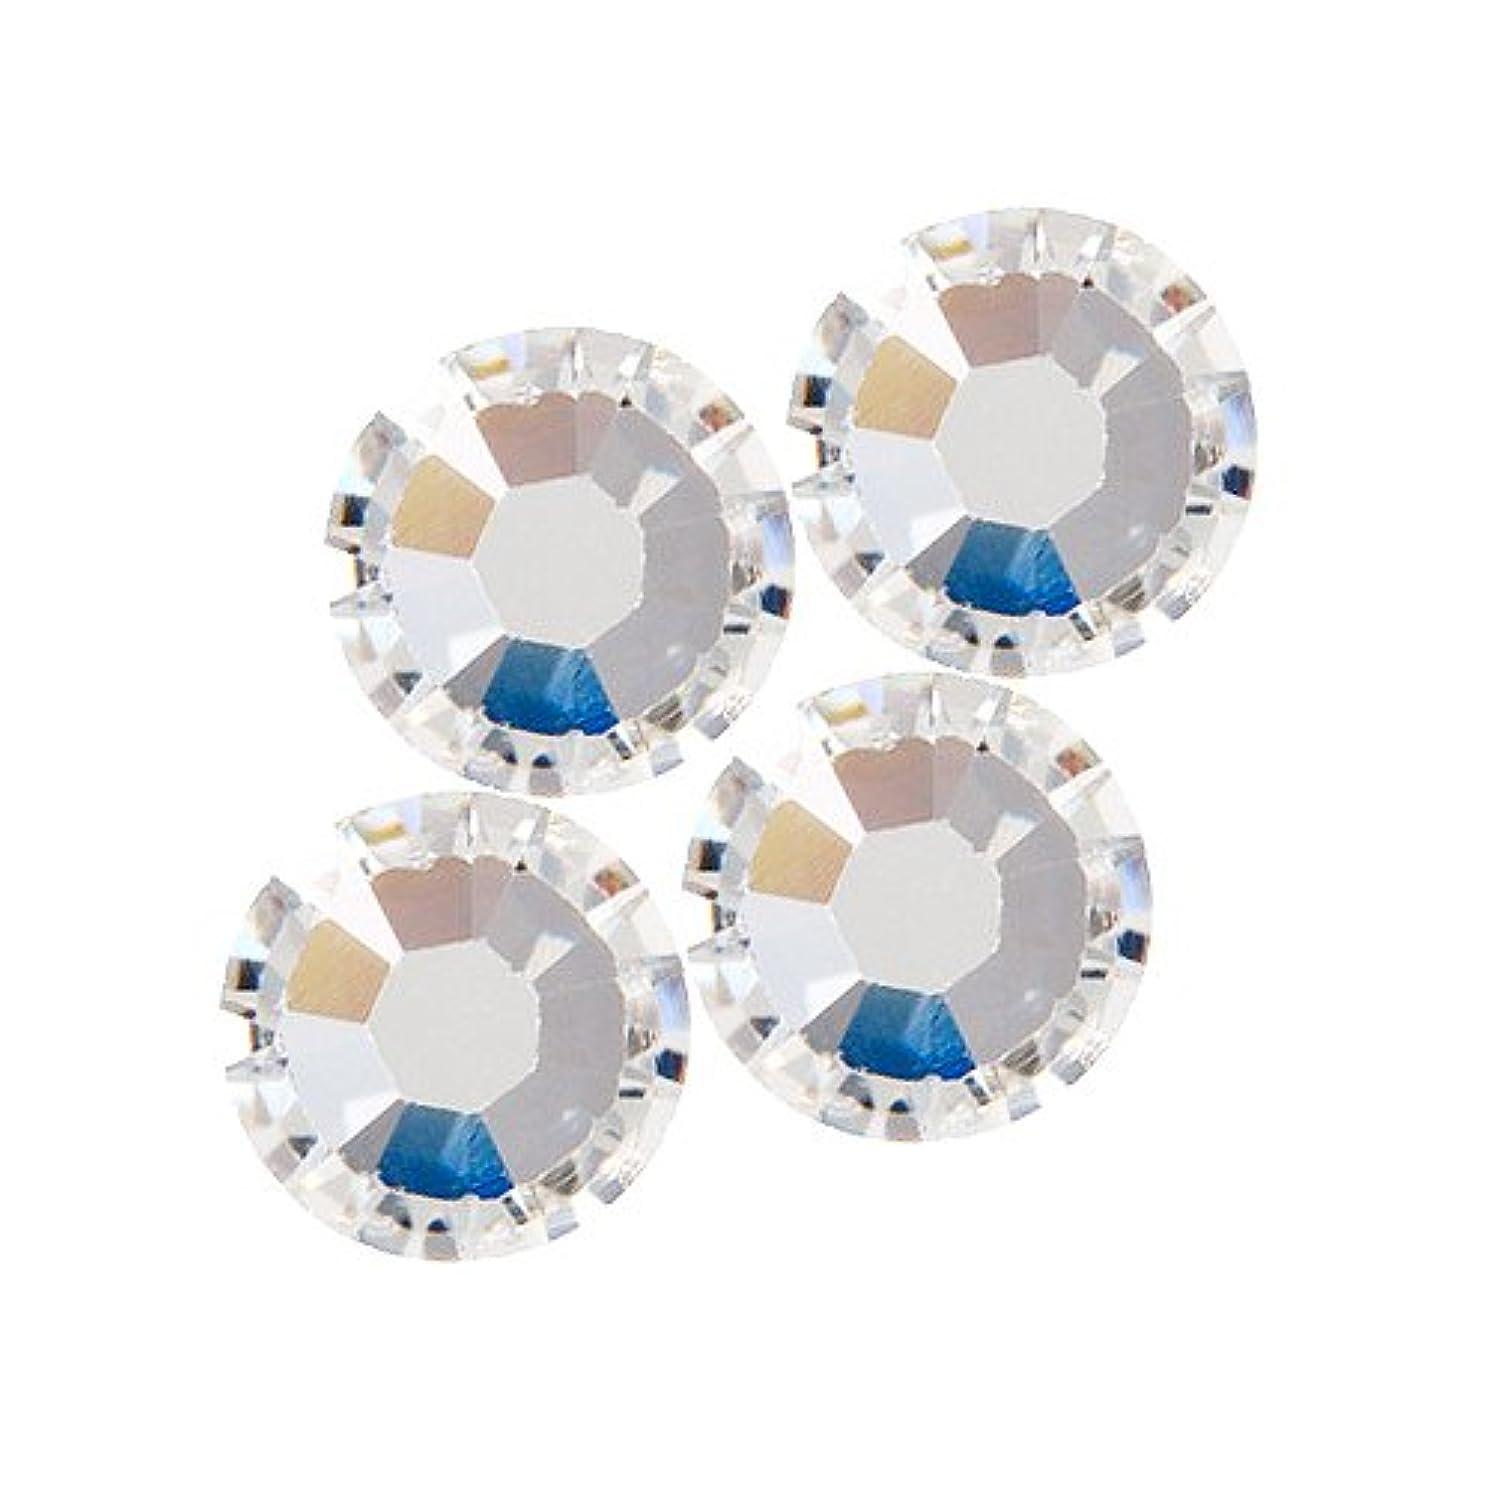 穏やかな一般的に言えば法令バイナル DIAMOND RHINESTONE  クリスタル SS10 1440粒 ST-SS10-CRY-10G